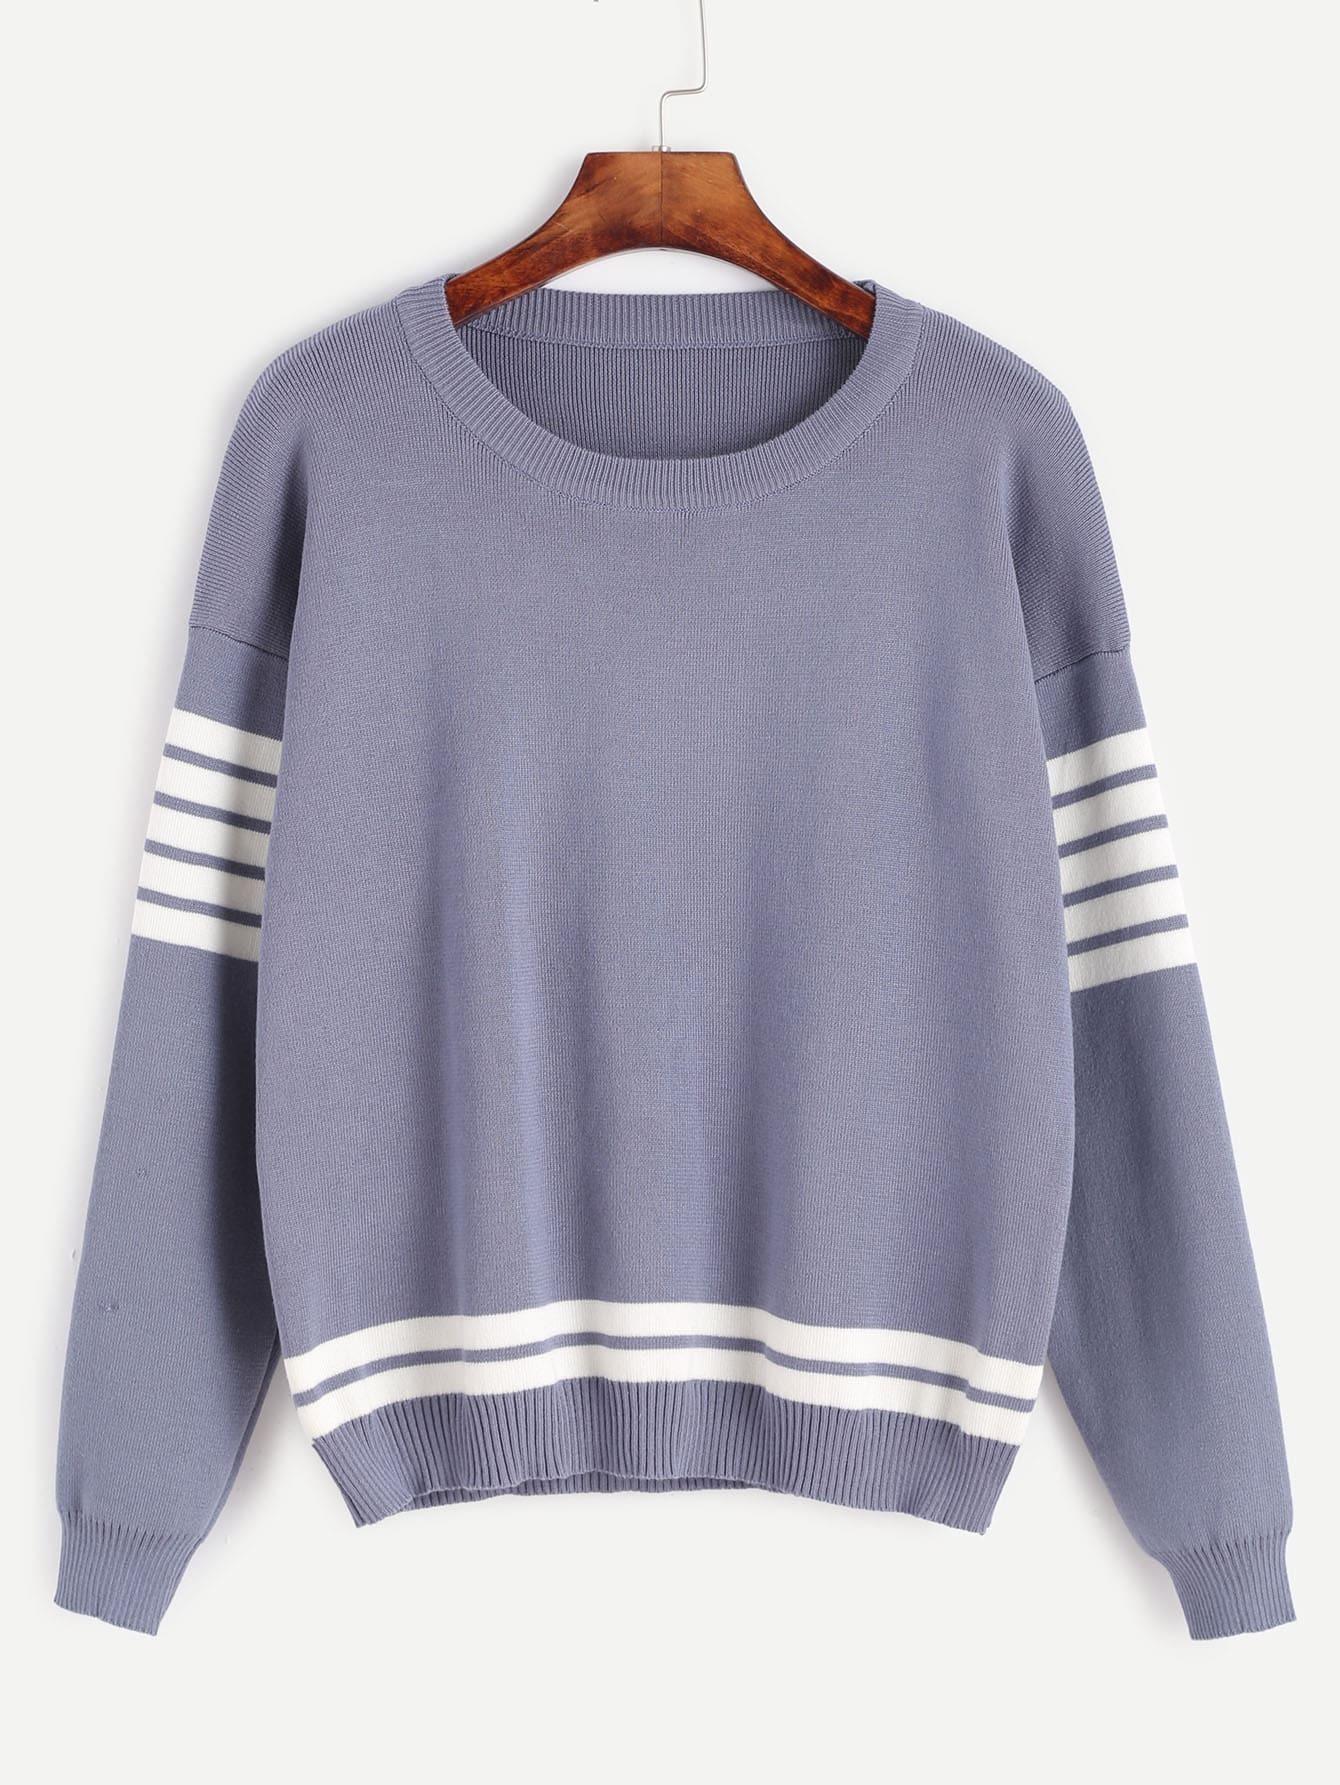 Dropped Shoulder Seam Striped Trim Sweater RKNI161010006